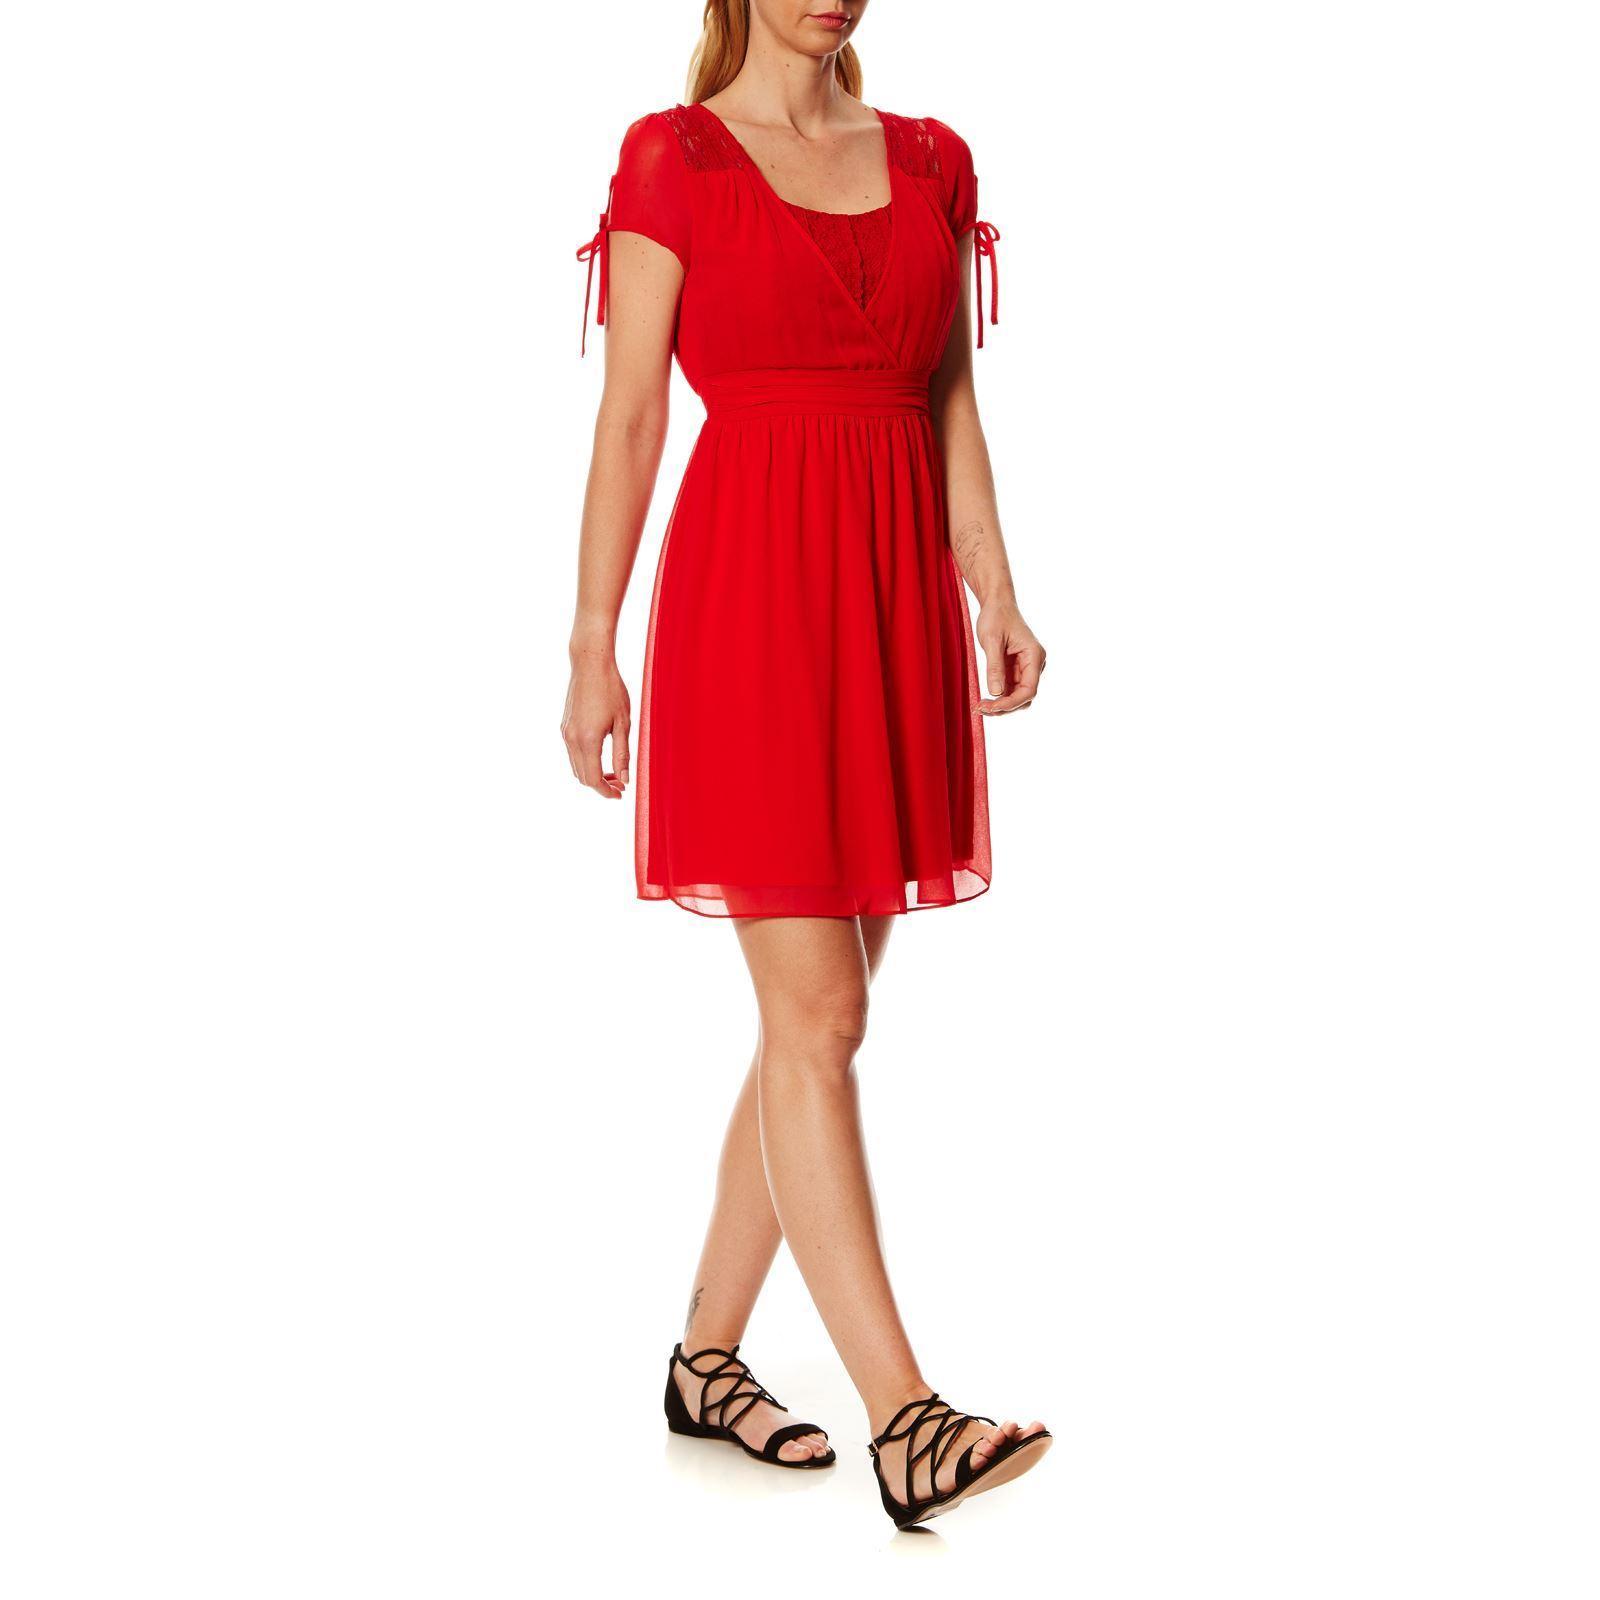 Robe rouge nafnaf